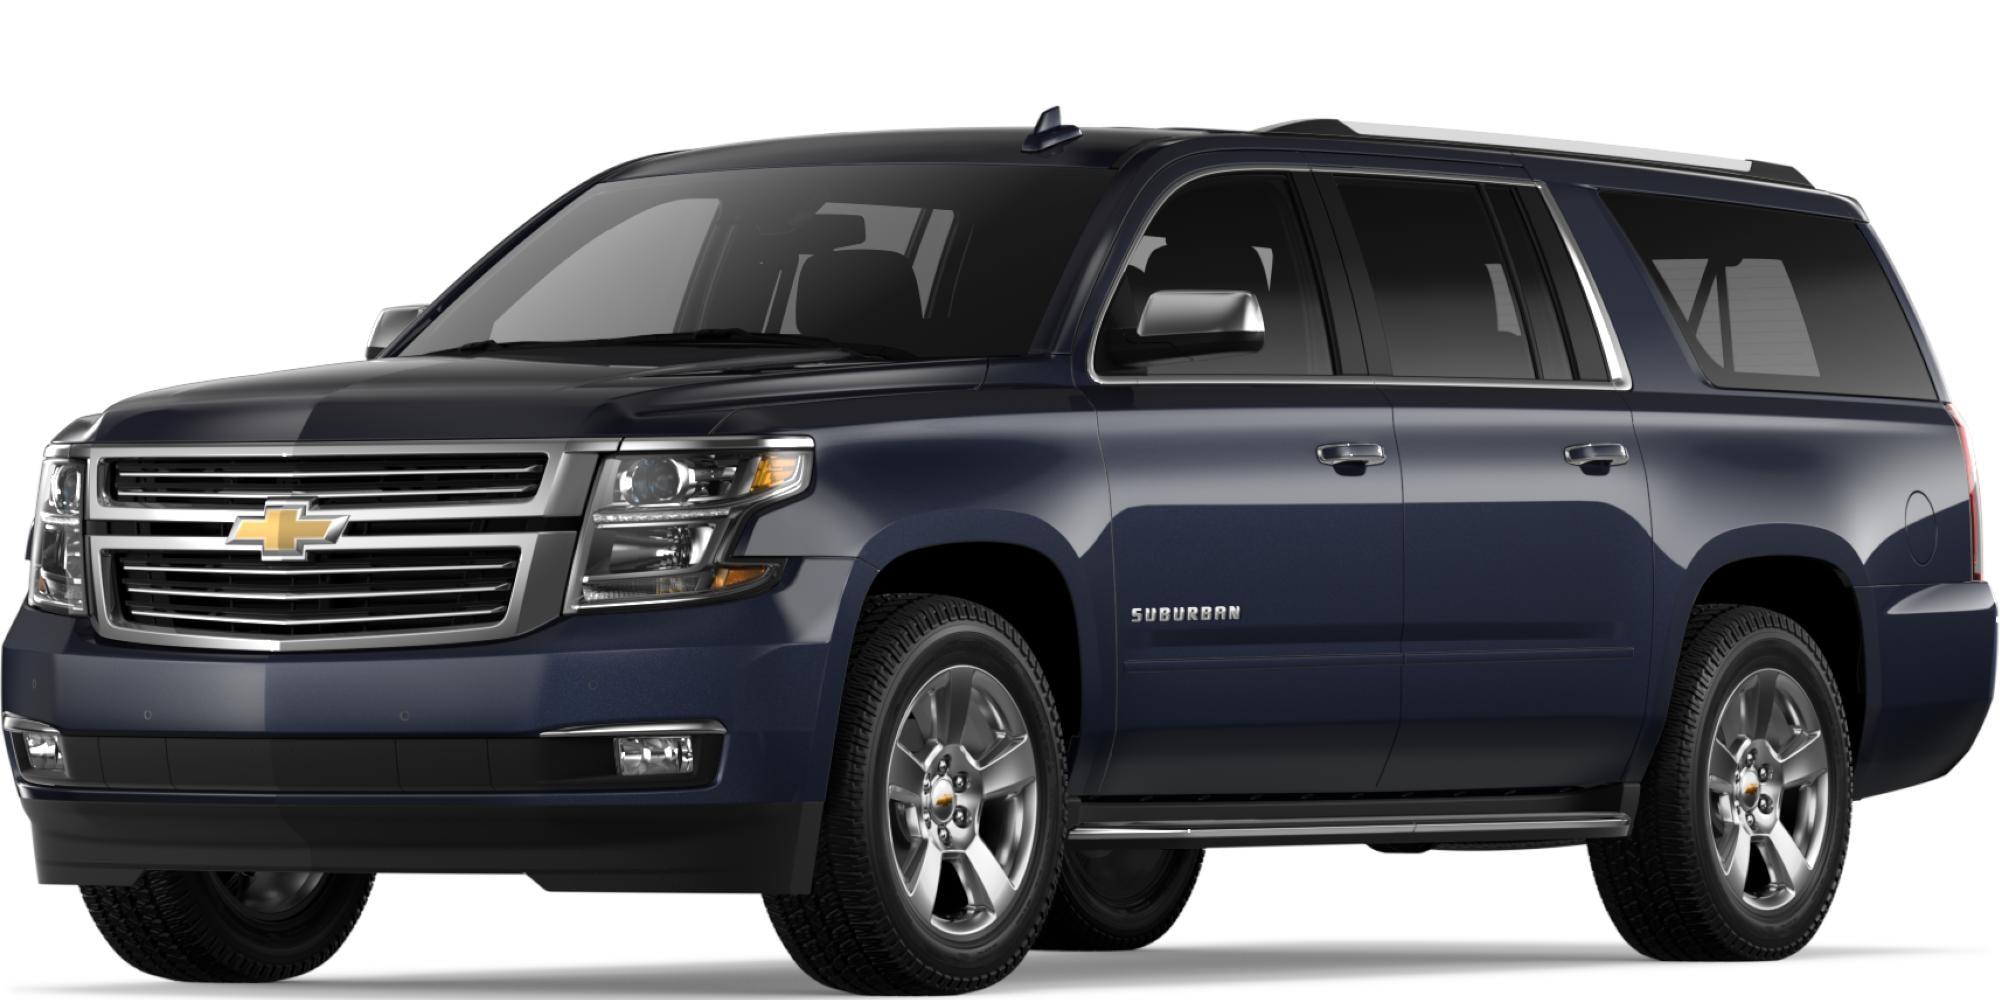 2018 Chevrolet Suburban for sale near Sacramento